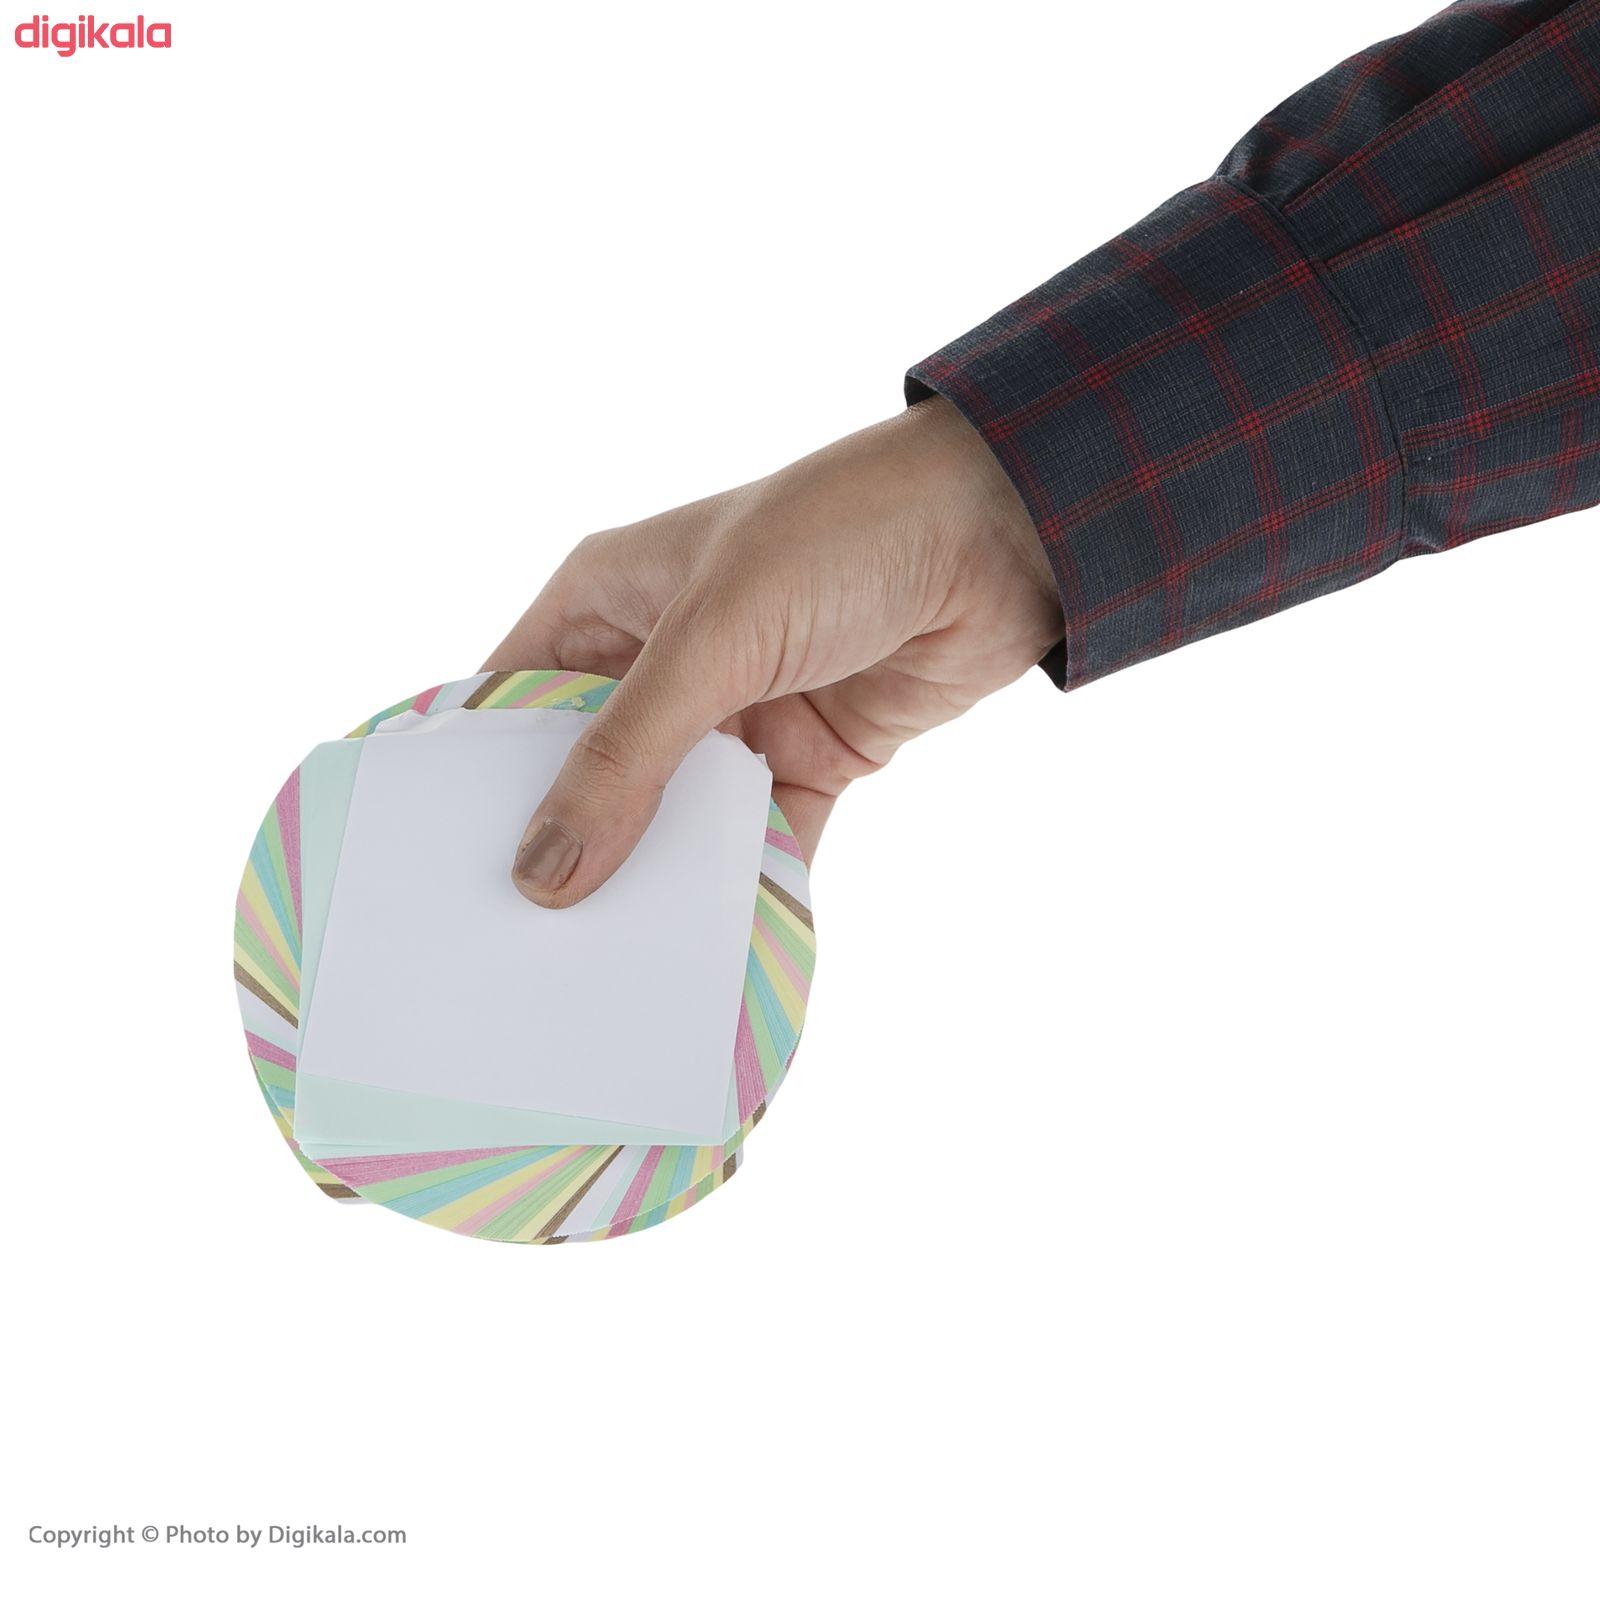 کاغذ یادداشت 10 رنگ طرح چرخشی main 1 4